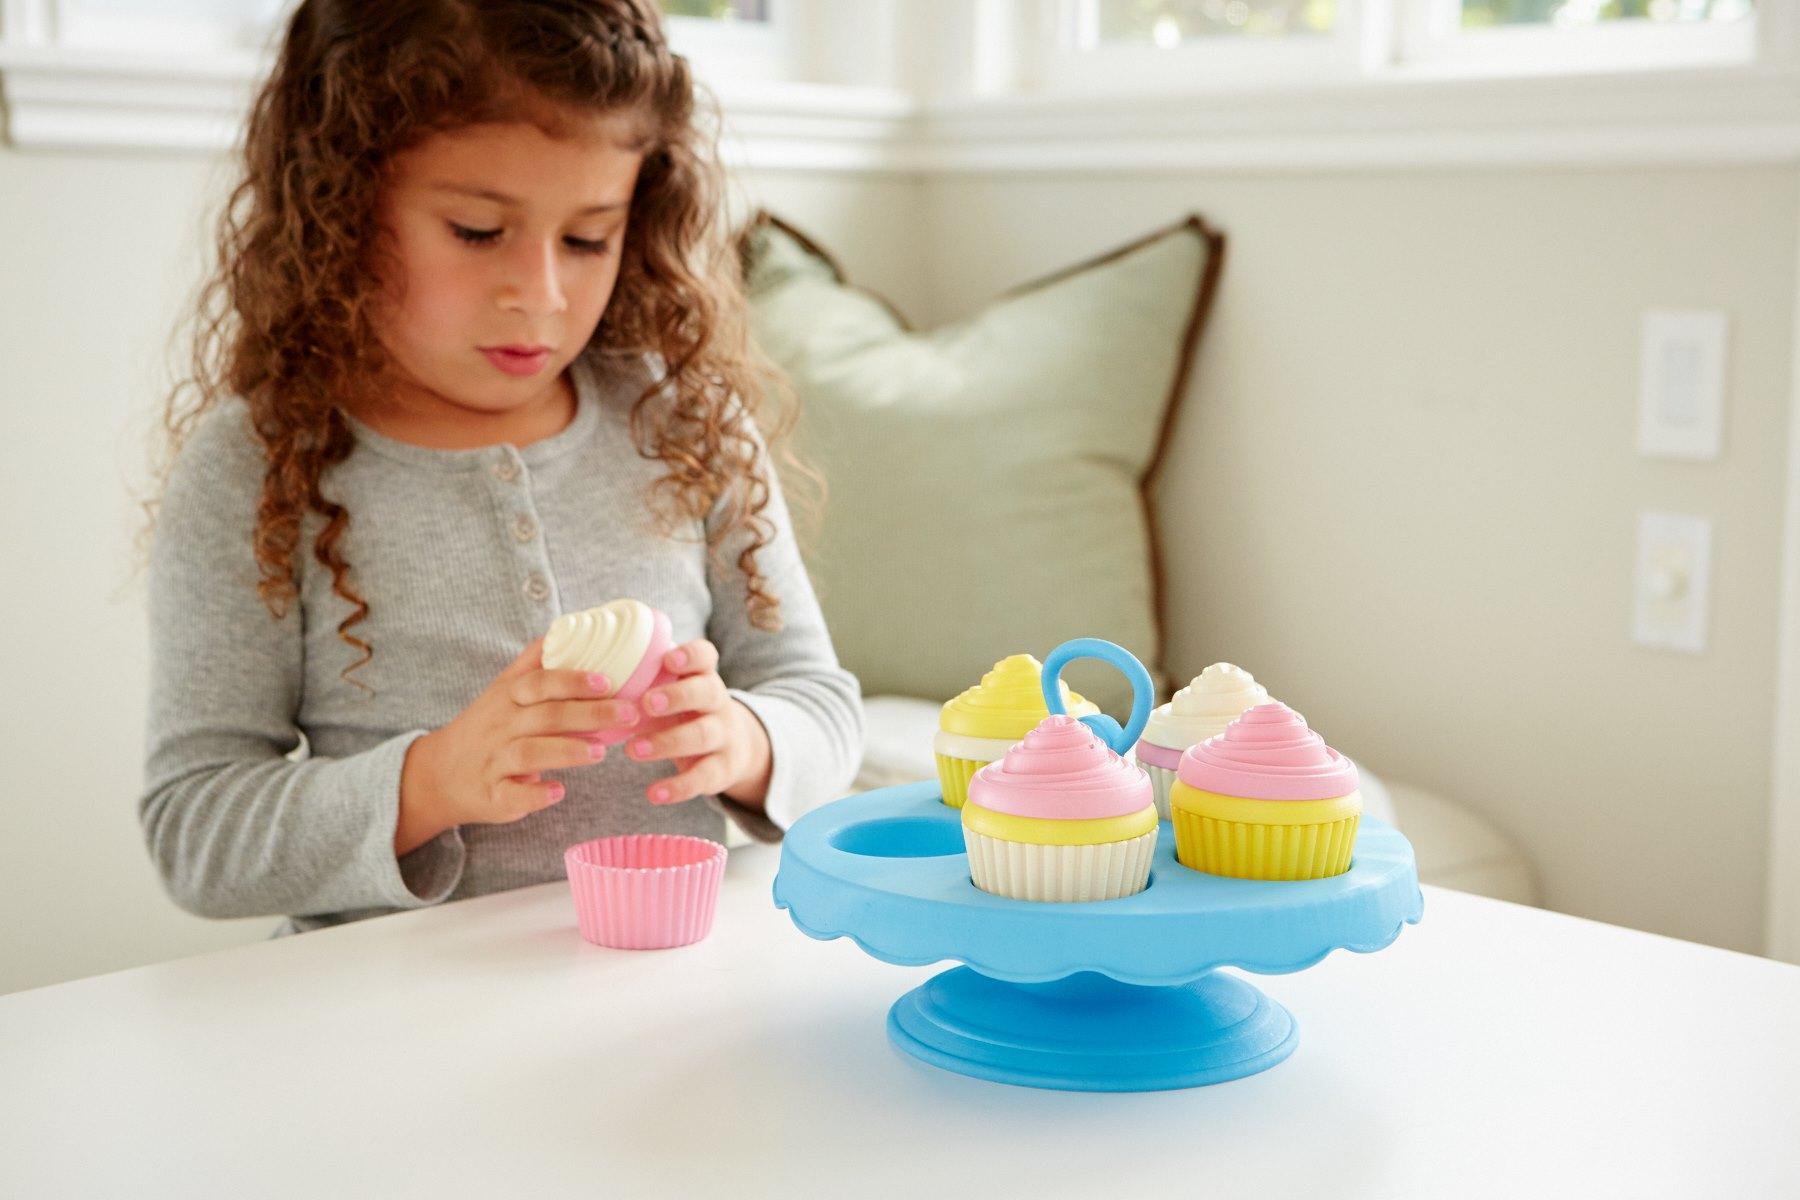 Amazon Green Toys Cupcake Set Toys & Games